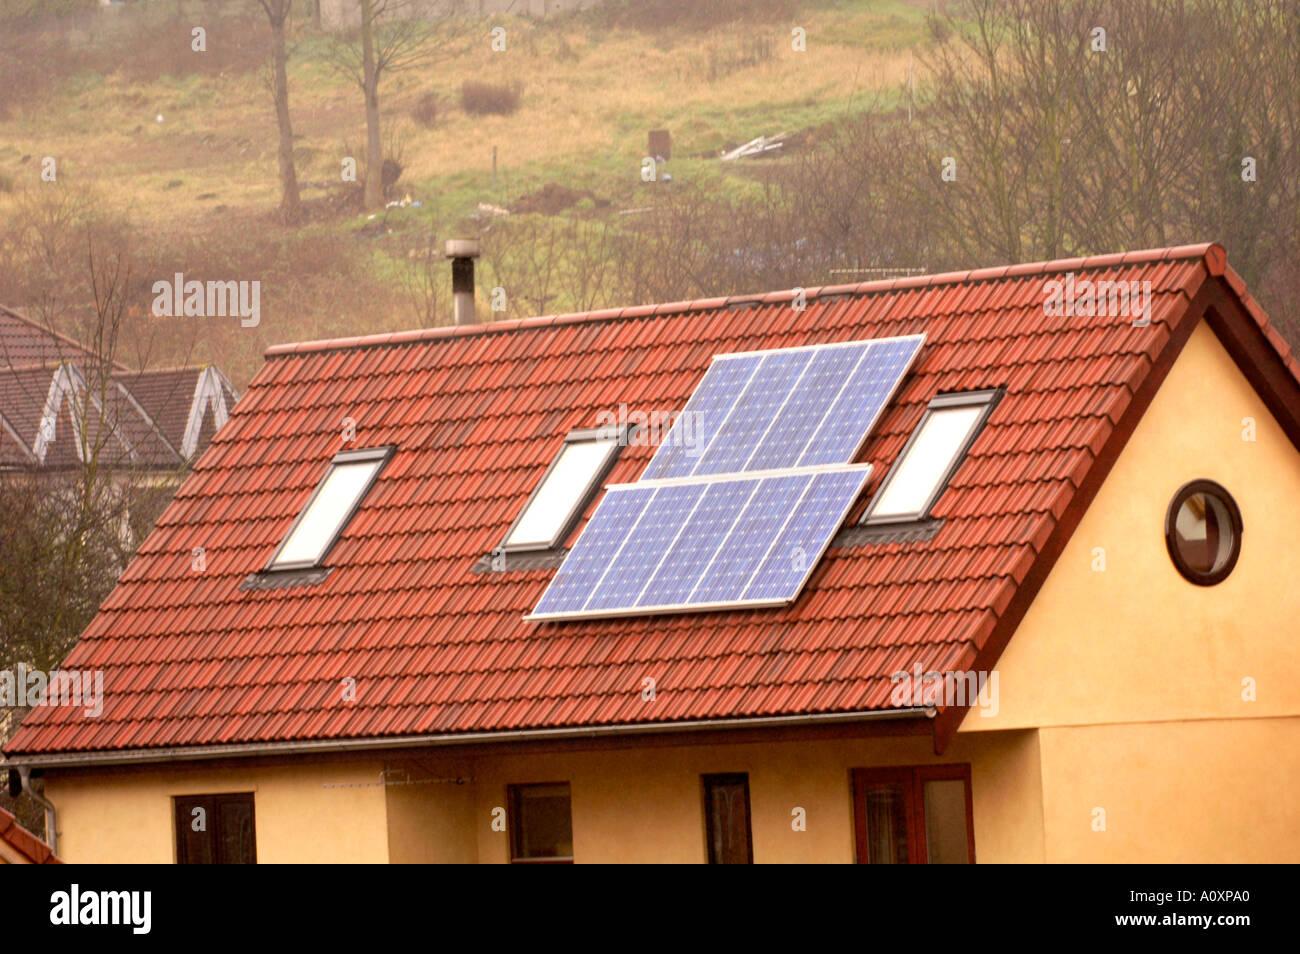 solarzelle selber bauen swalif. Black Bedroom Furniture Sets. Home Design Ideas